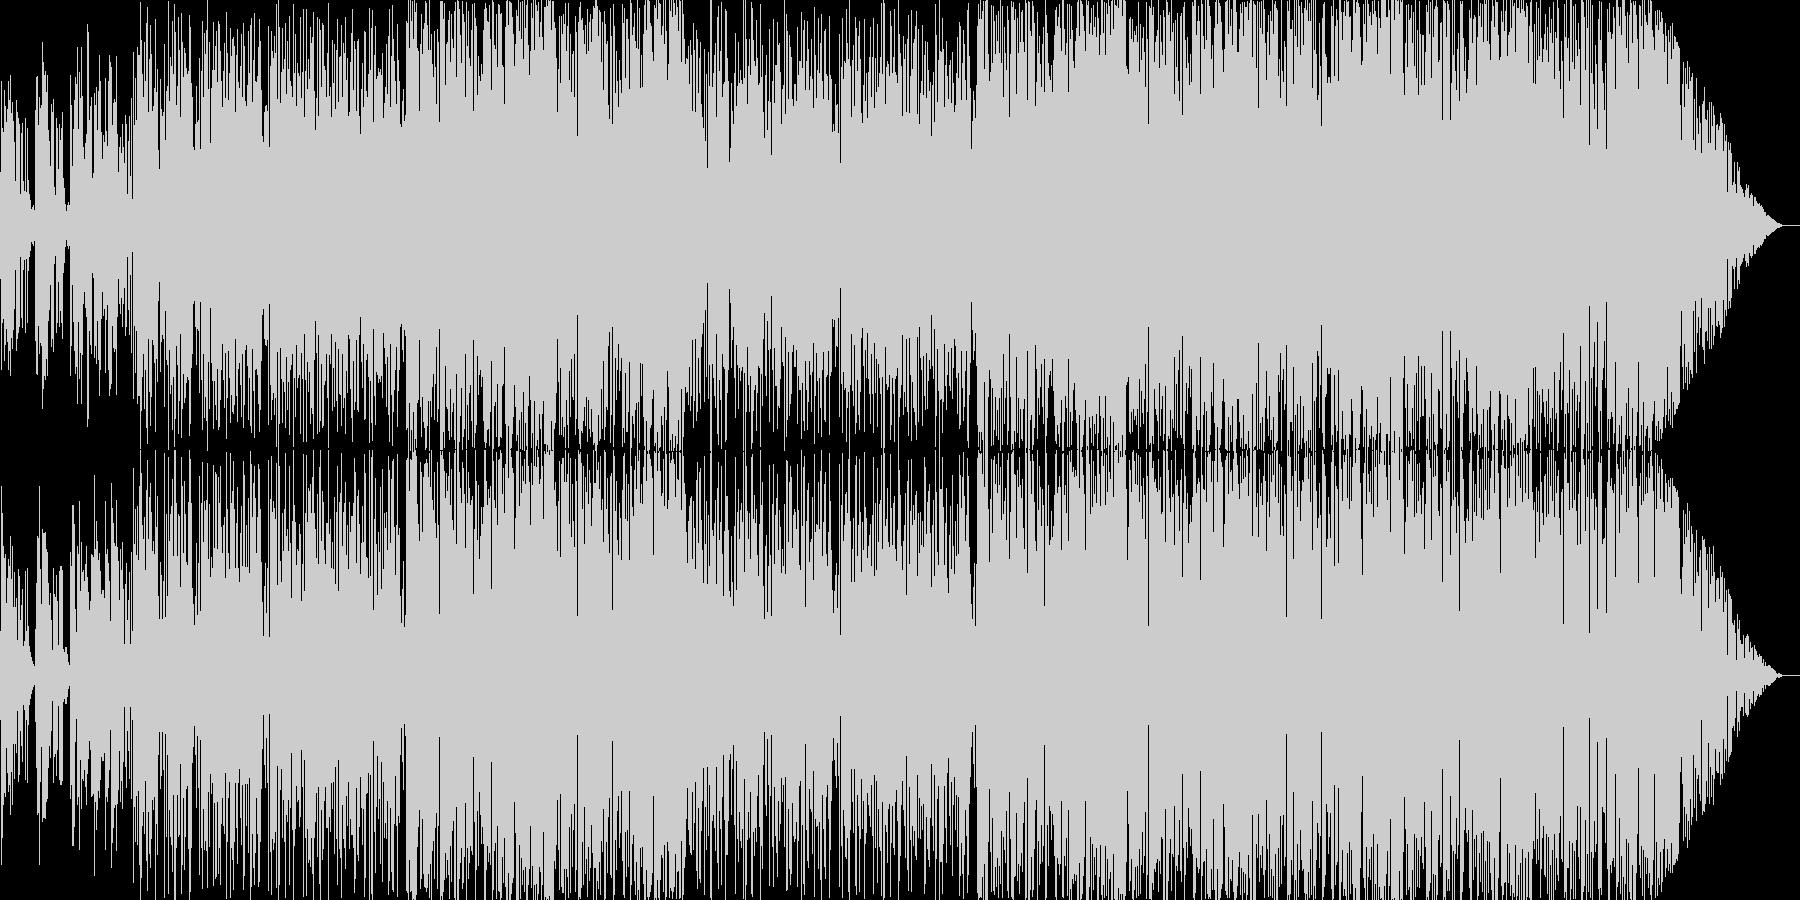 夏のさわやかなBGMの未再生の波形